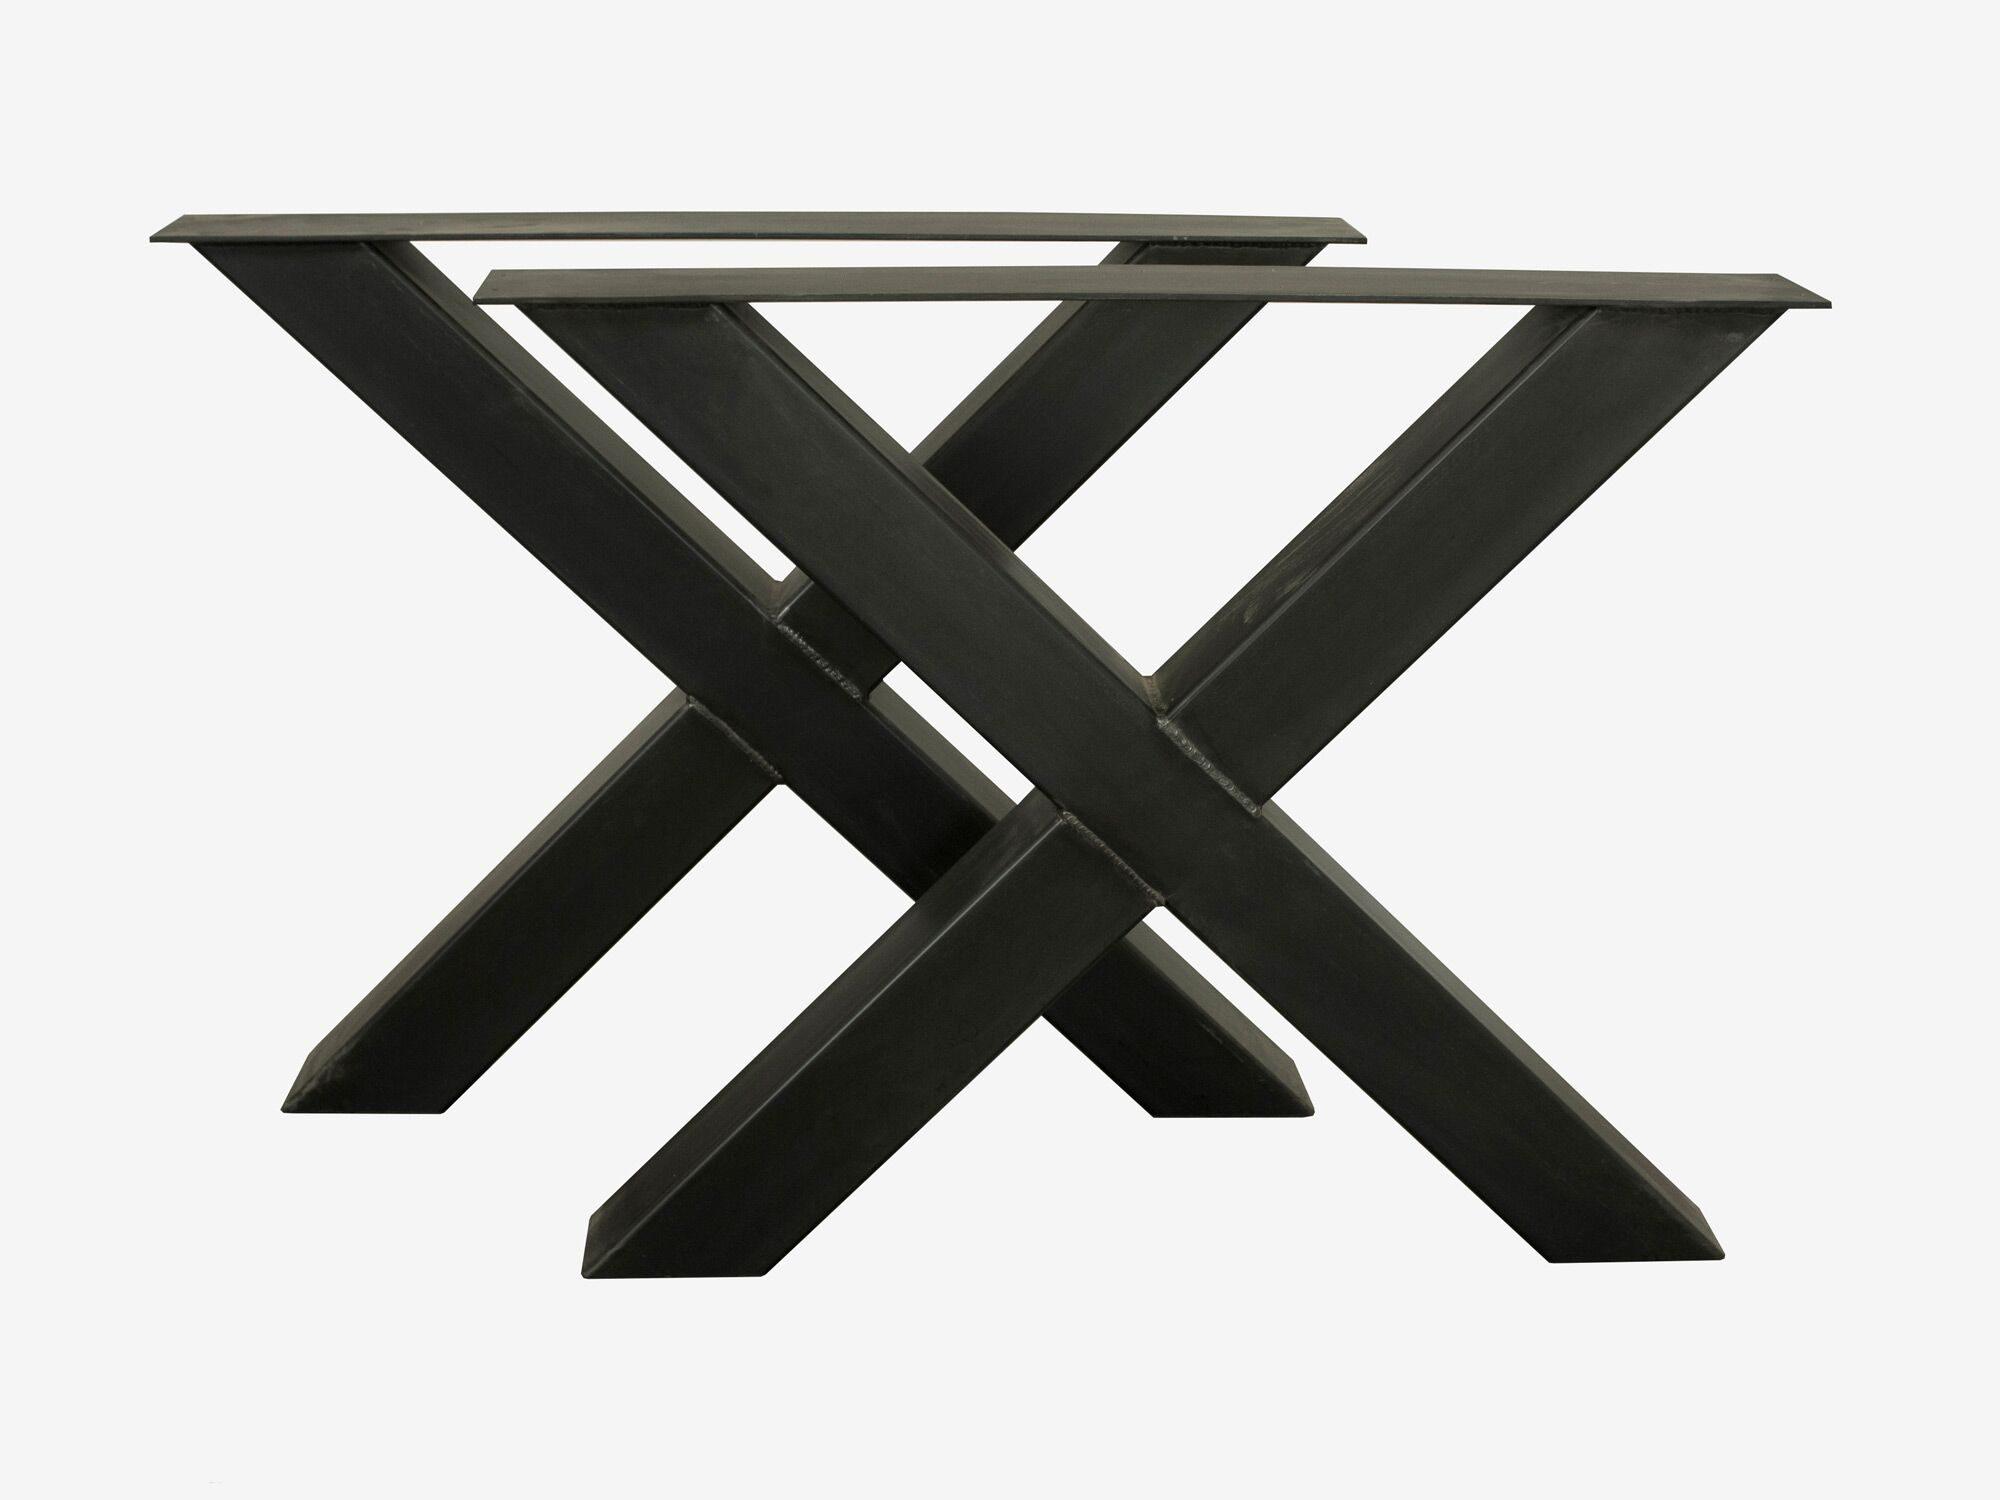 Industriedesign tischgestell - X-fuß-rohr-10x10cm